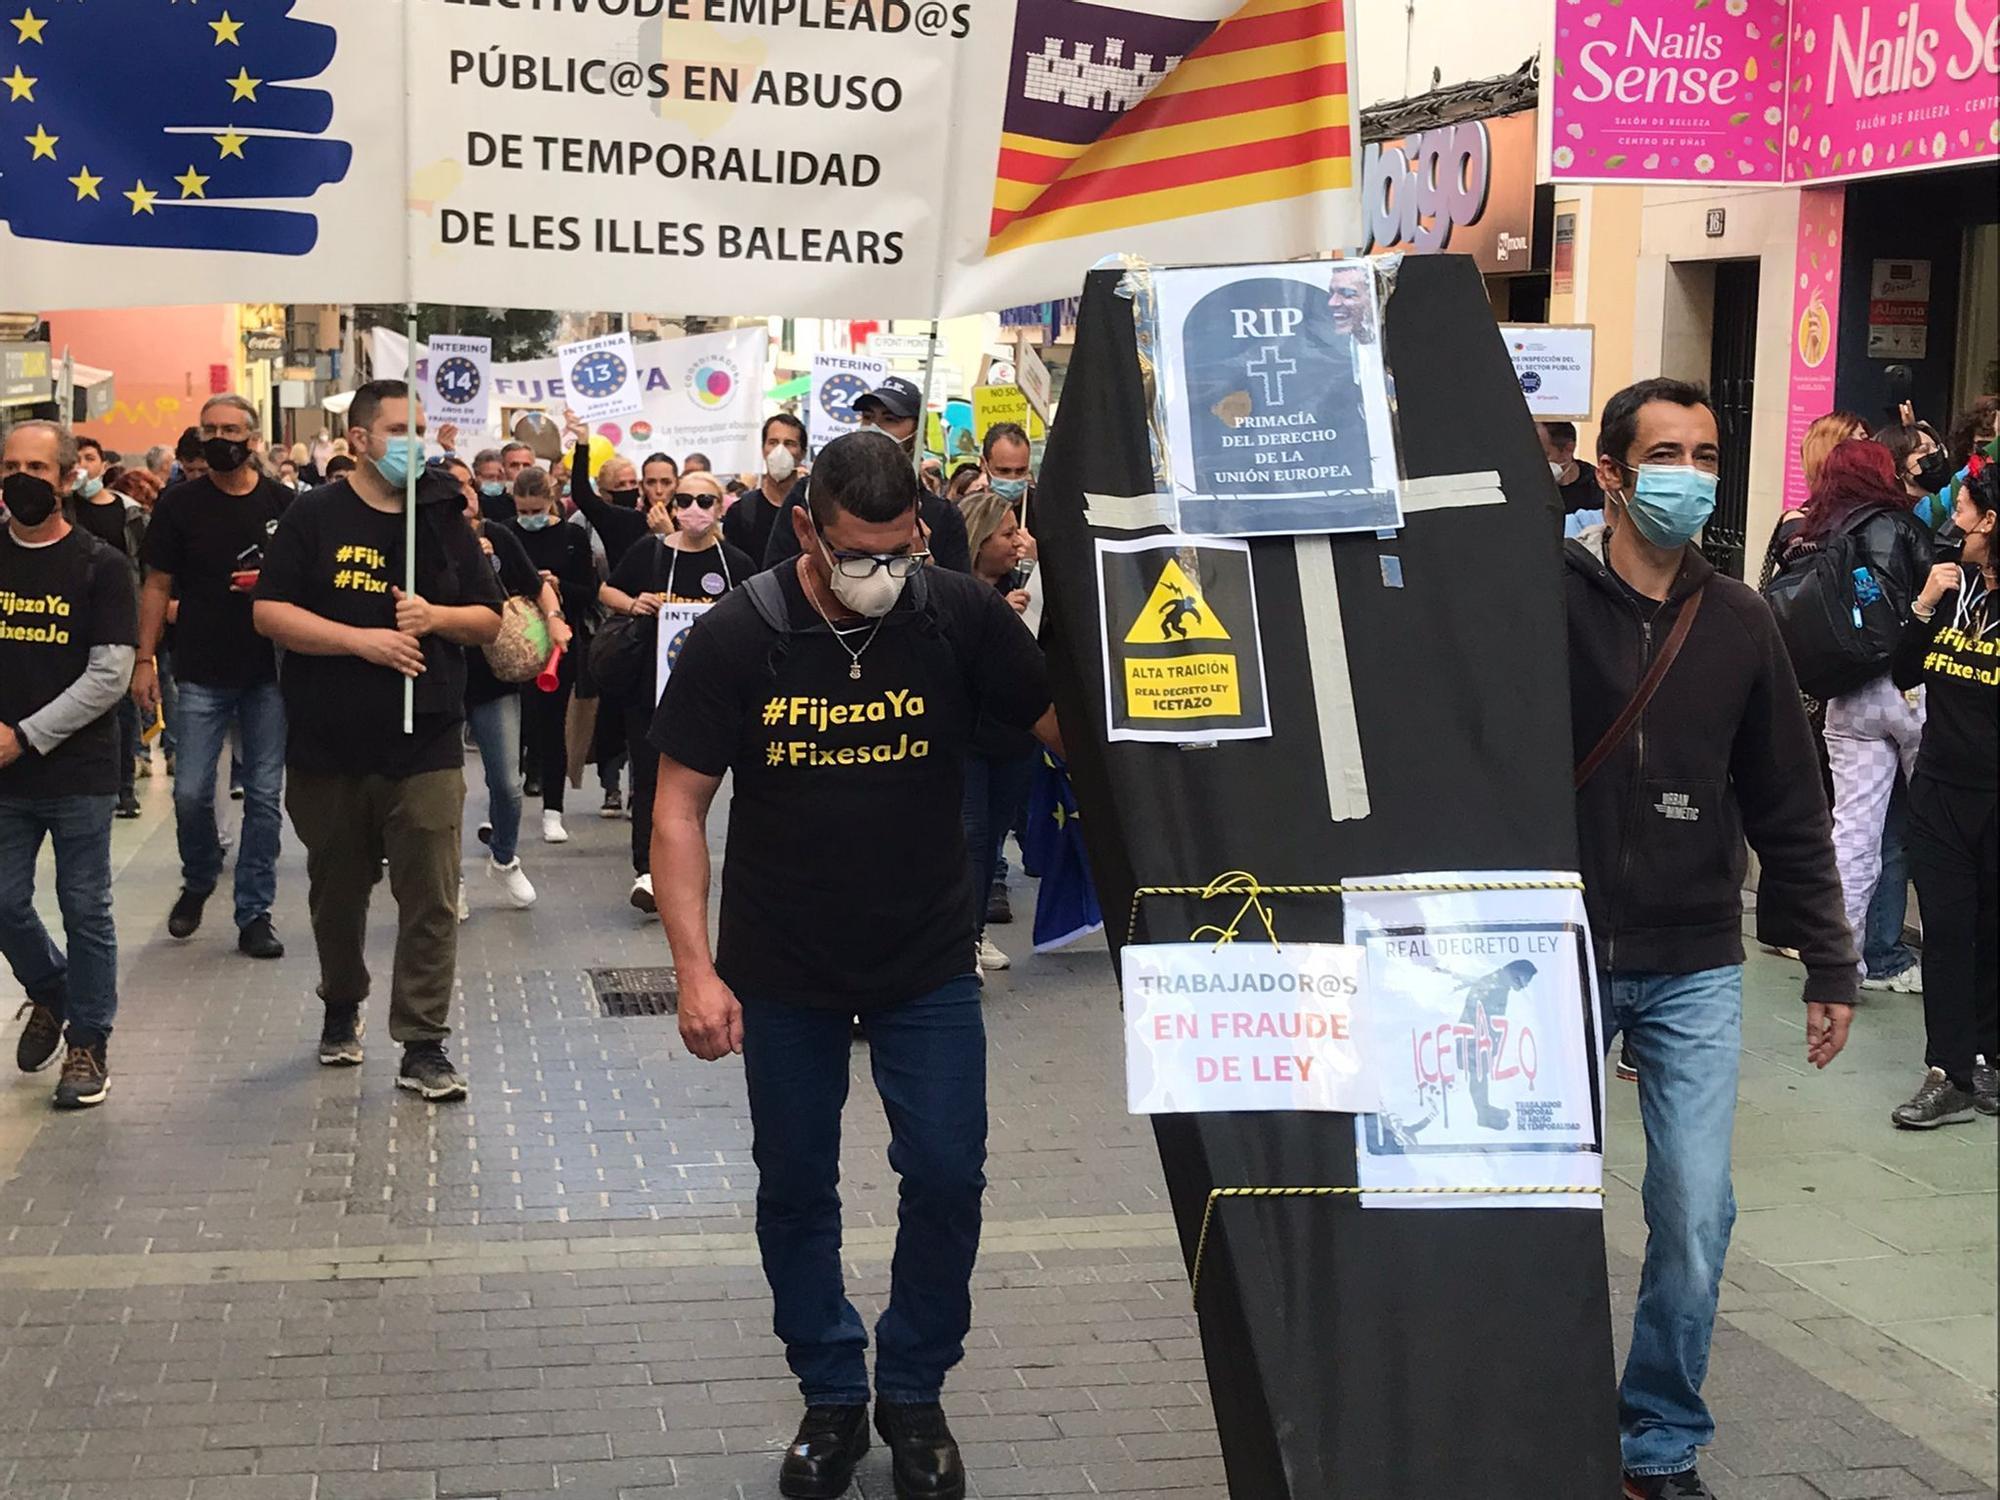 141 Trabajadores interinos autonómicos han hecho huelga, según el Govern